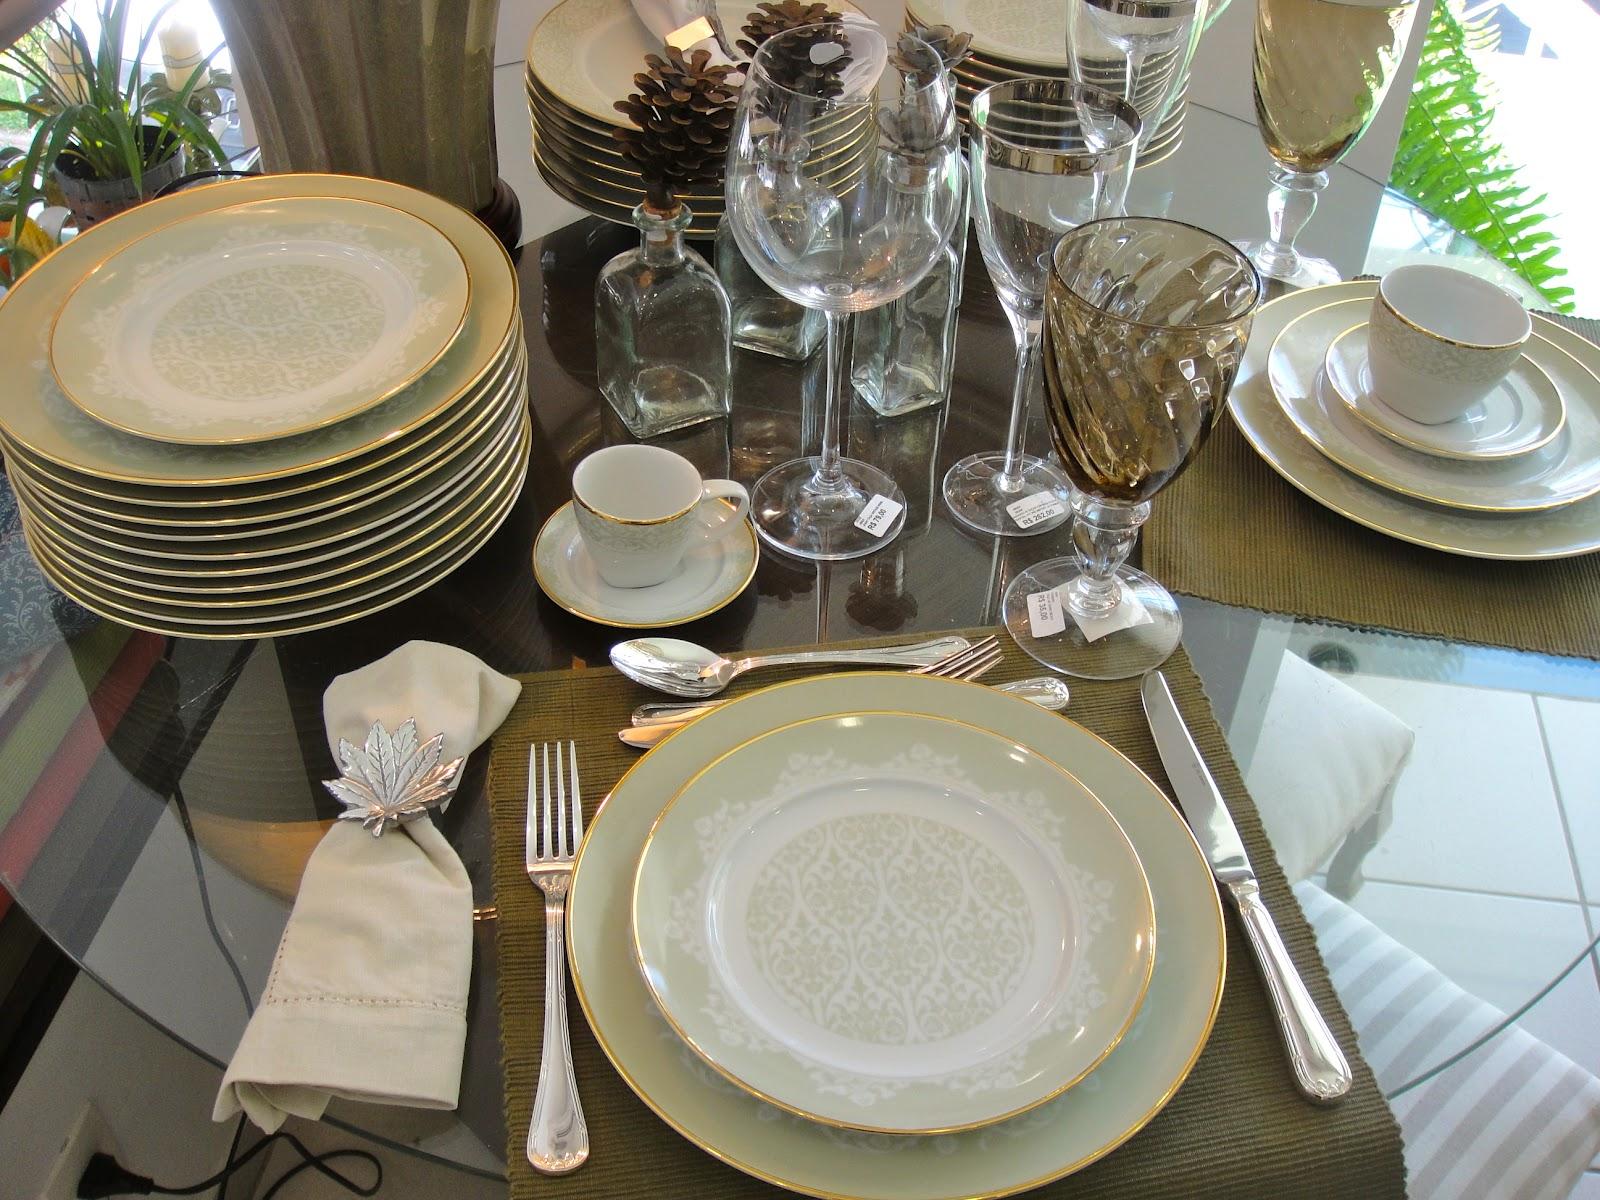 Aparelho de jantar fino e clássico belo! Para você que ainda não  #568348 1600x1200